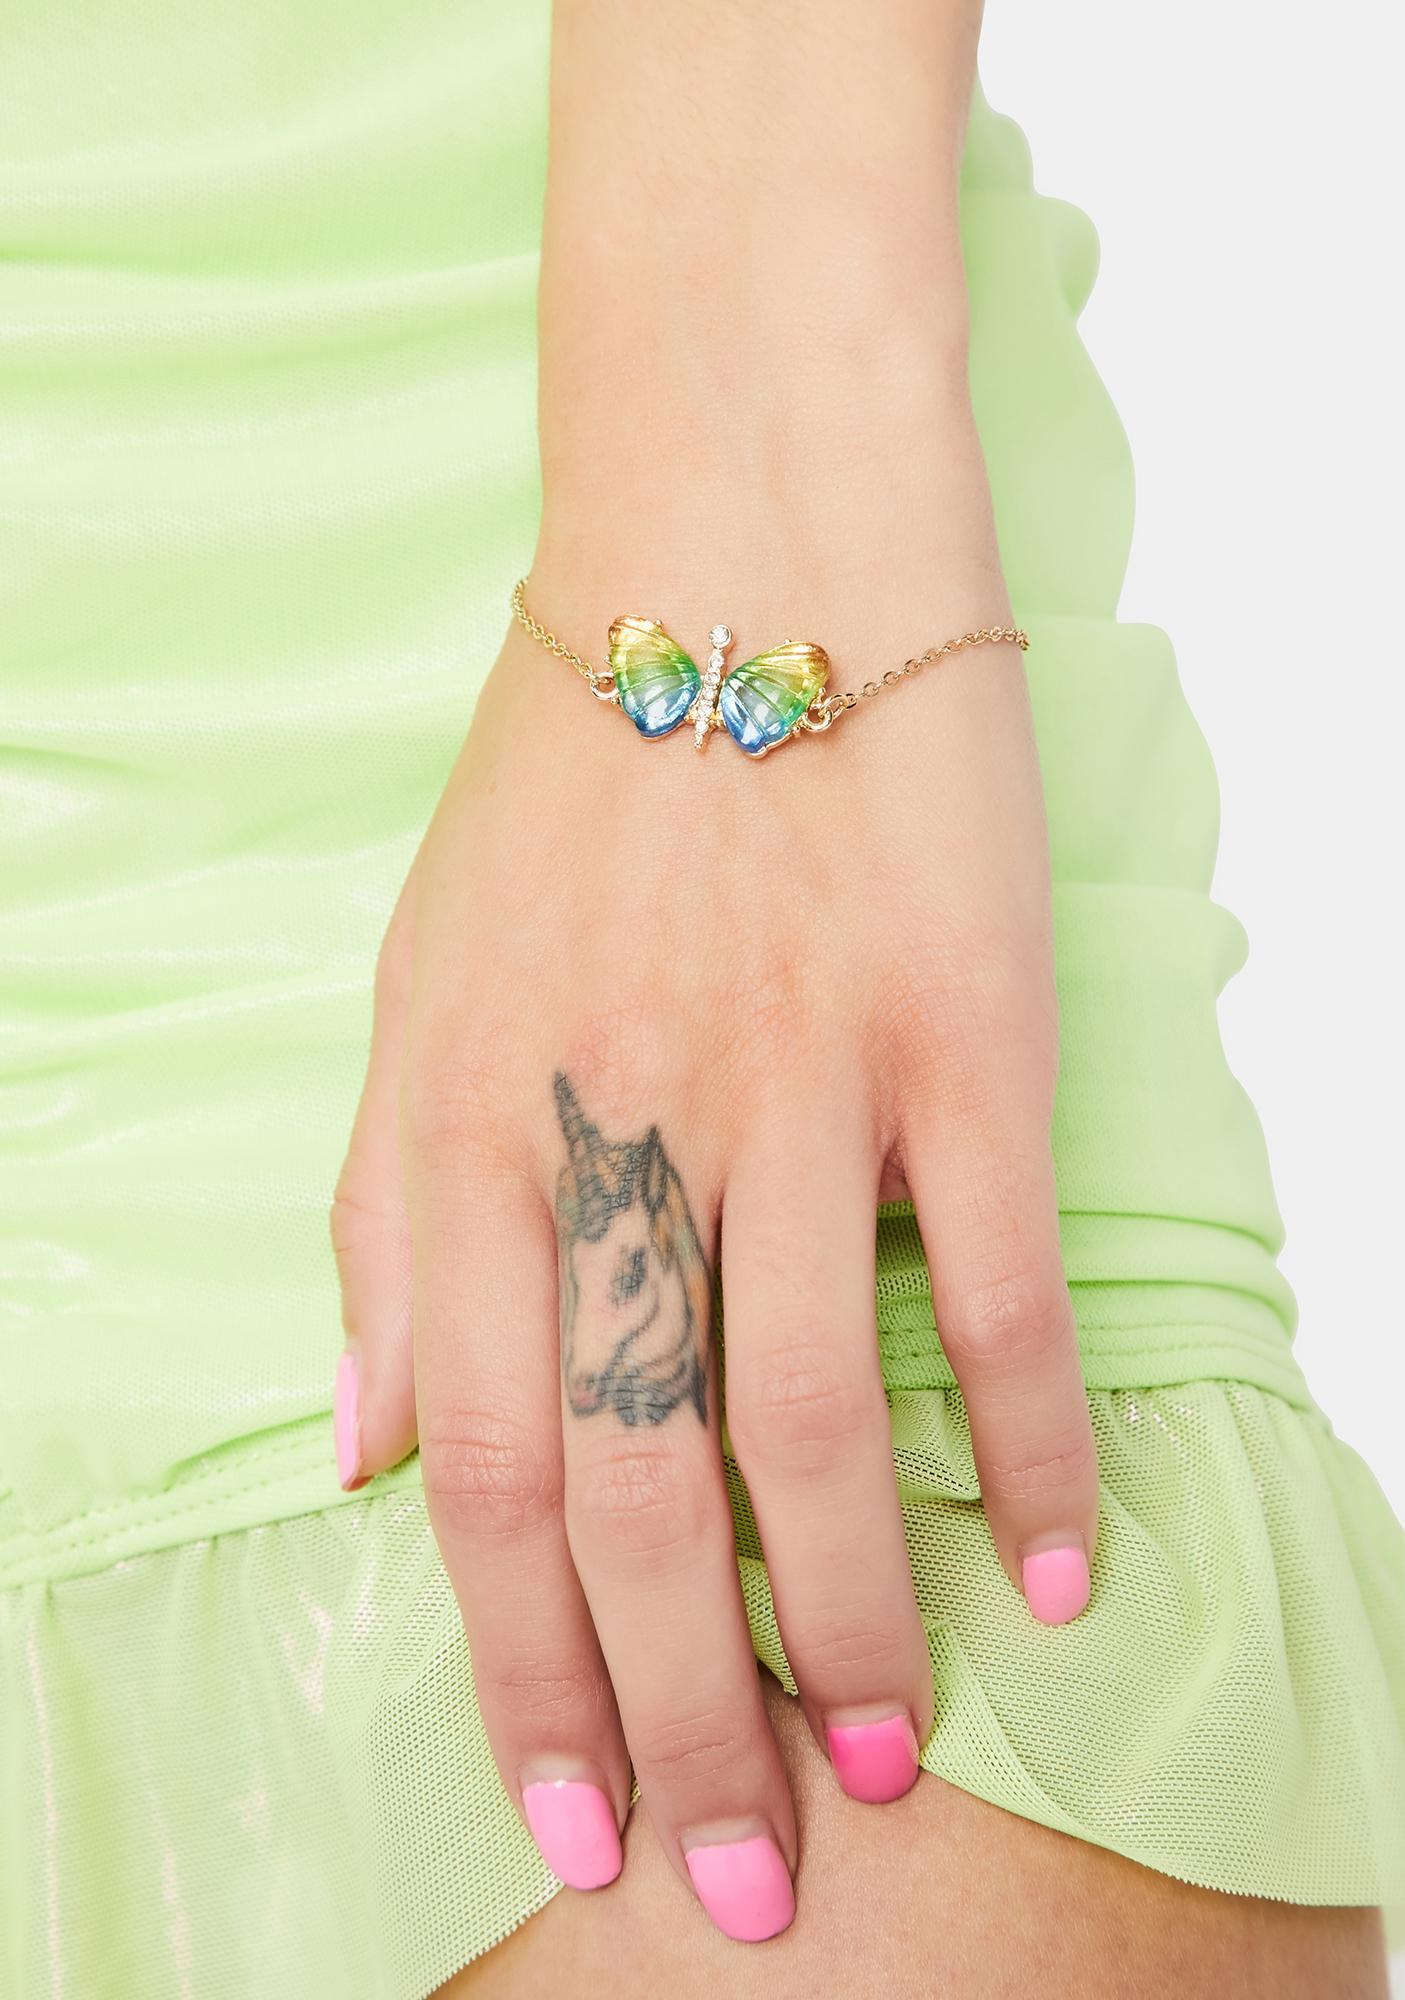 Prismatic Butterfly Charm Bracelet